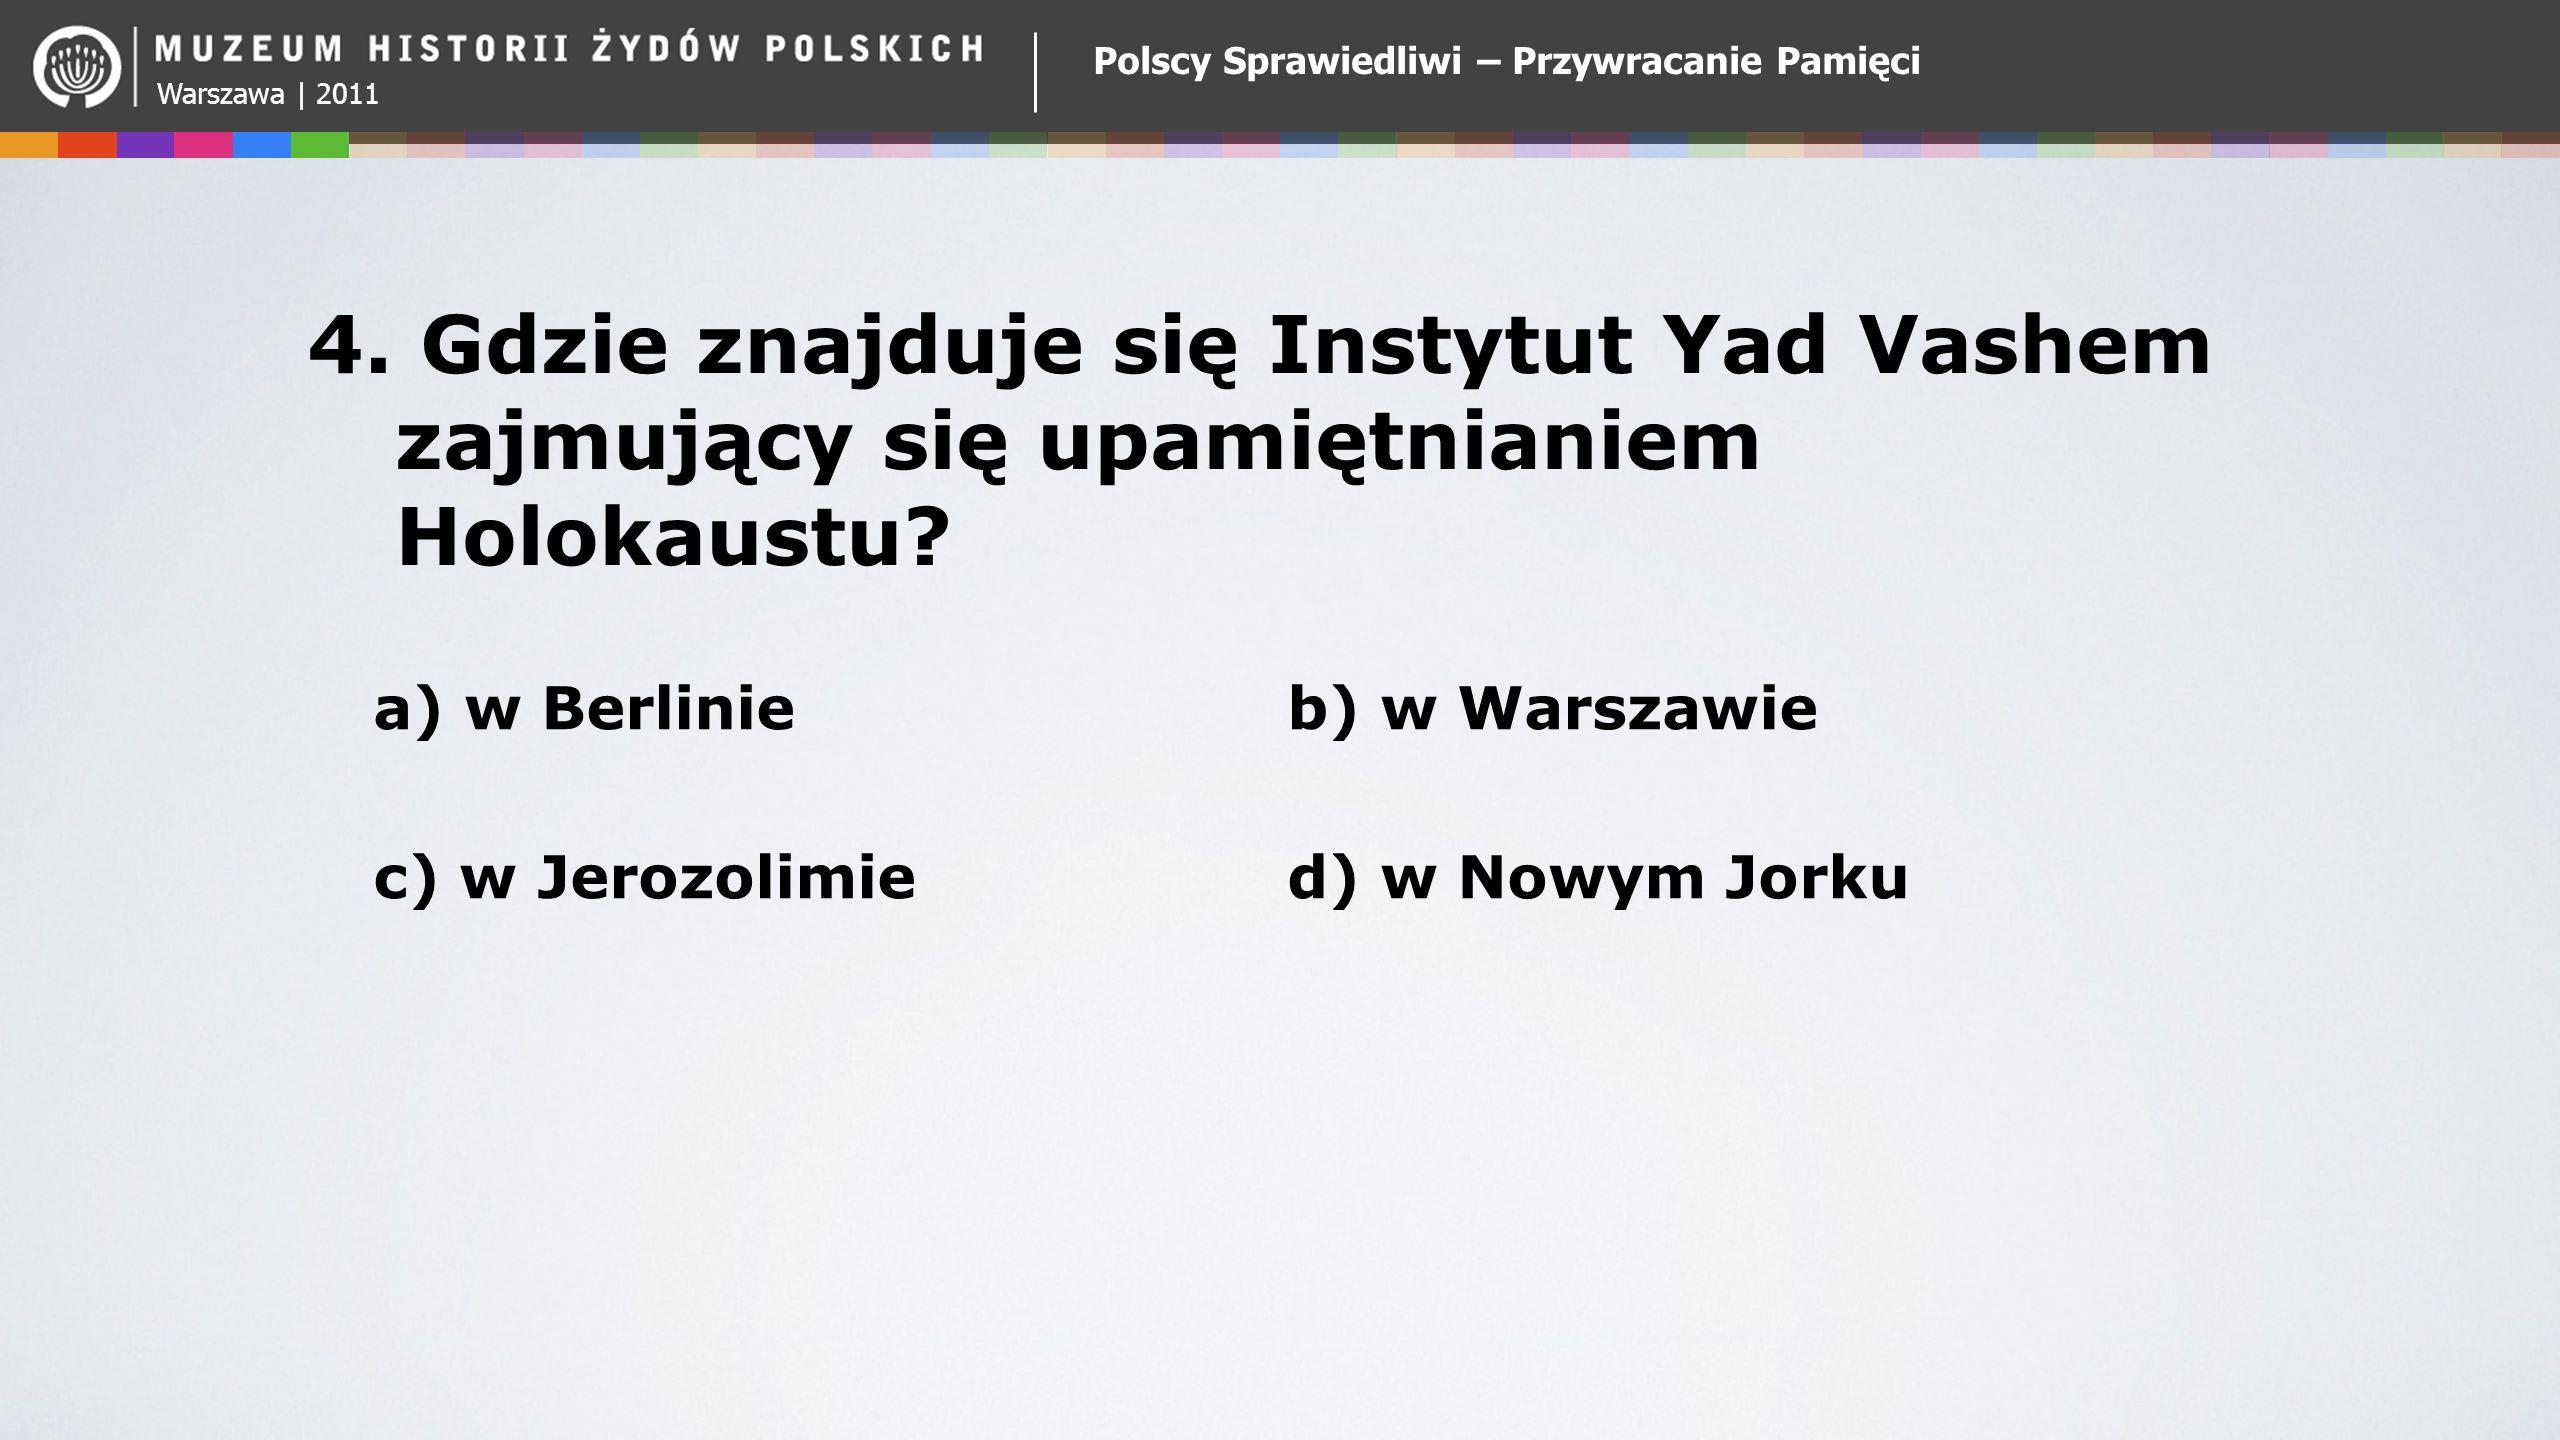 Warszawa | 2011 Polscy Sprawiedliwi – Przywracanie Pamięci 4. Gdzie znajduje się Instytut Yad Vashem zajmujący się upamiętnianiem Holokaustu? a) w Ber